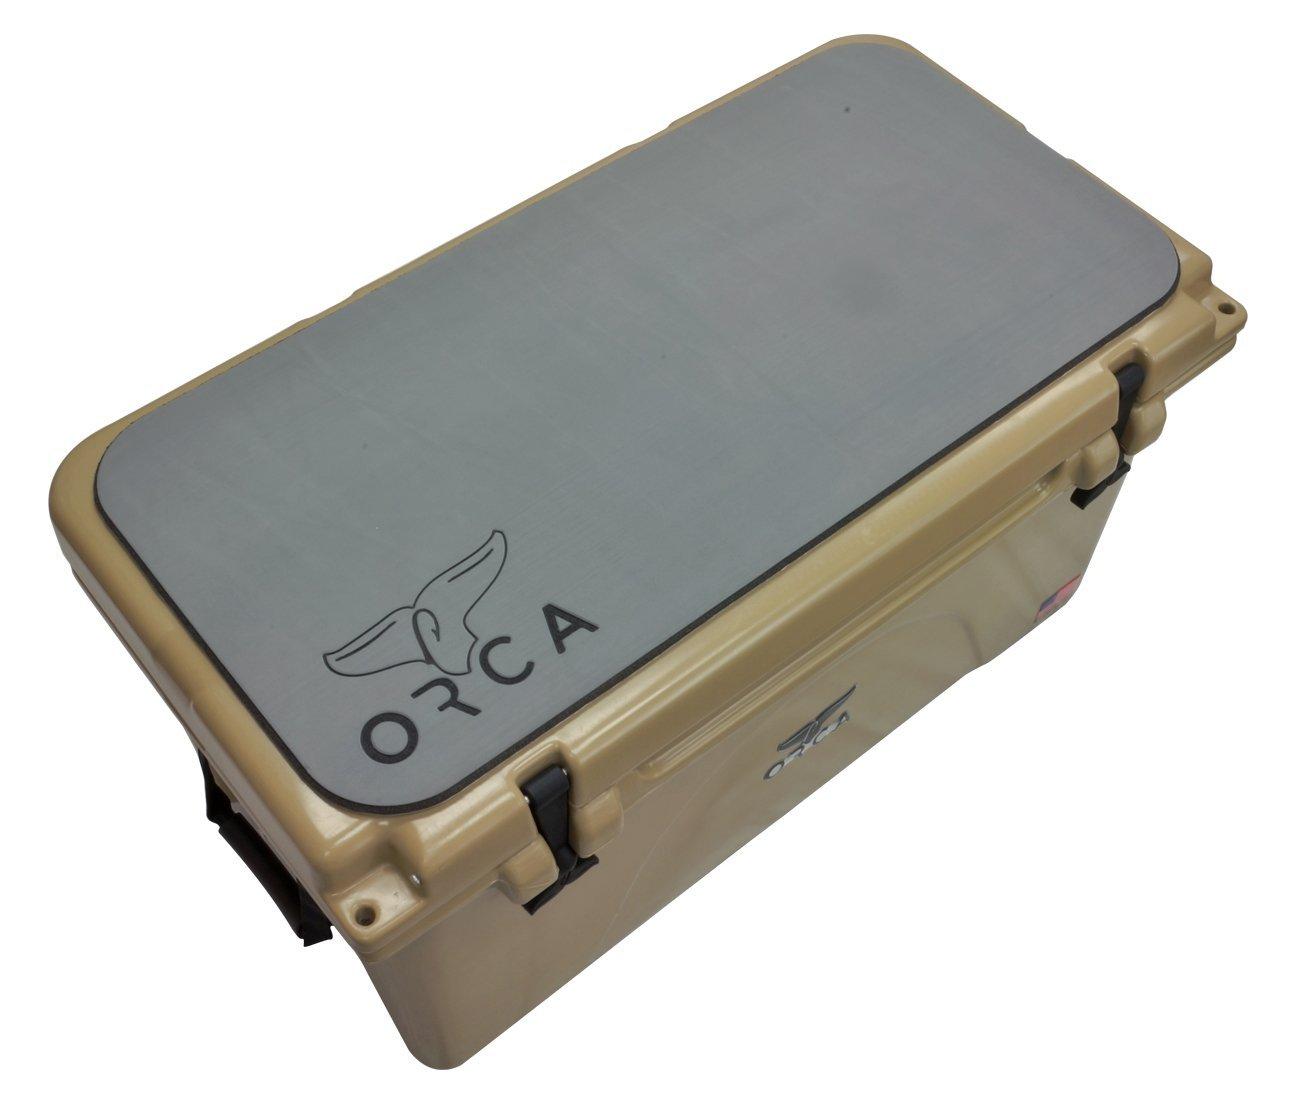 Grey ORCA ORCGSRP75 Slip Resistant Pad for a 75 quart Cooler